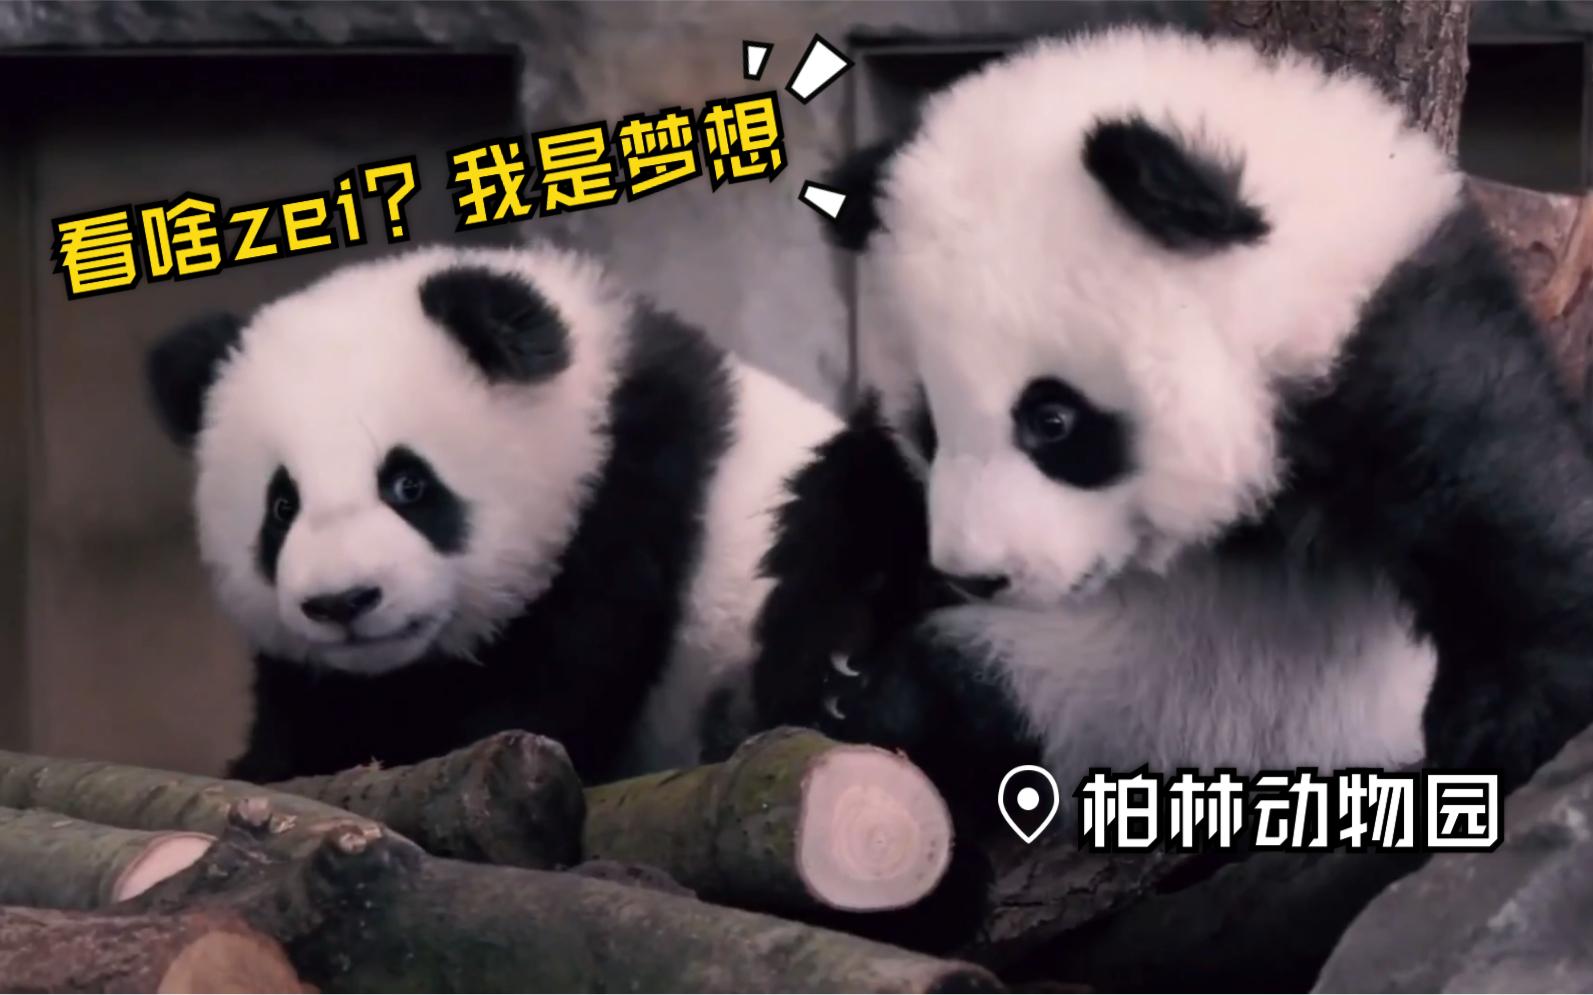 avtt天堂人与动物_【大熊猫】【完整版】梦想梦圆出道啦~欢迎来柏林动物园看我 ...